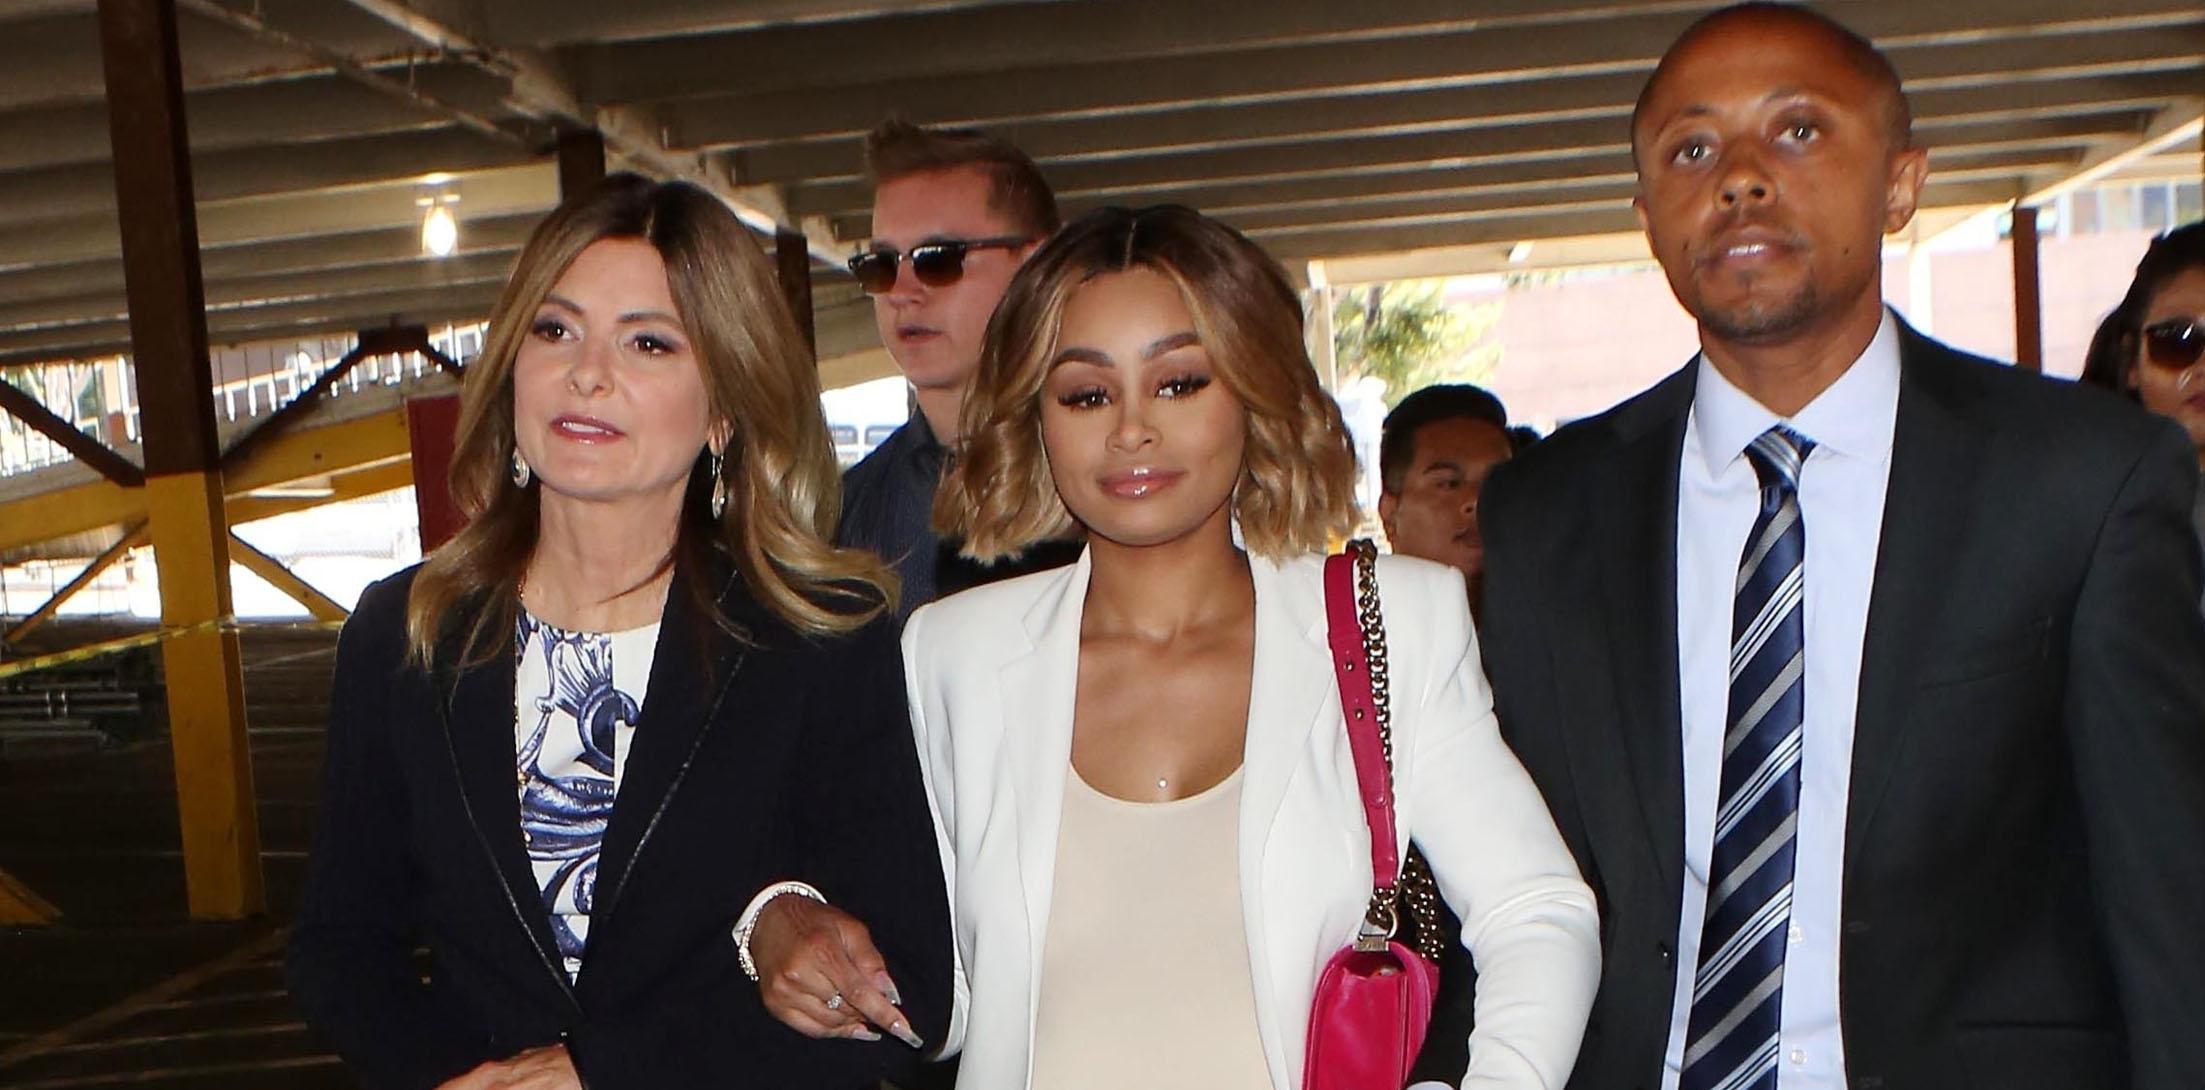 Blac Chyna granted a restraining against Rob Kardashian